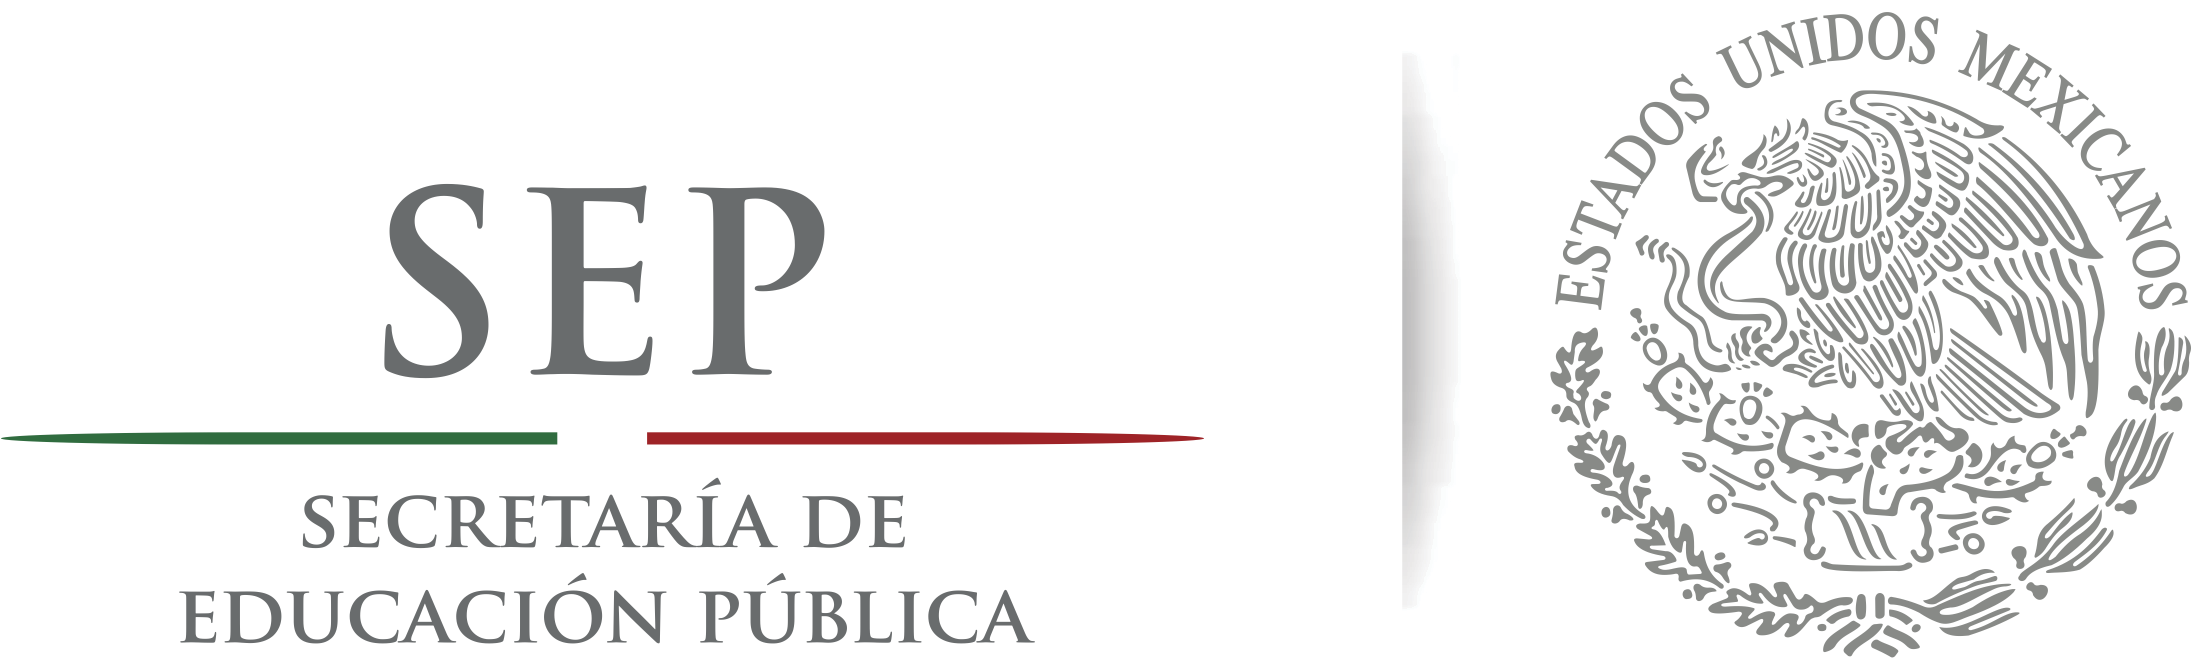 secretaria de educacion publica logo image gallery sep mexico